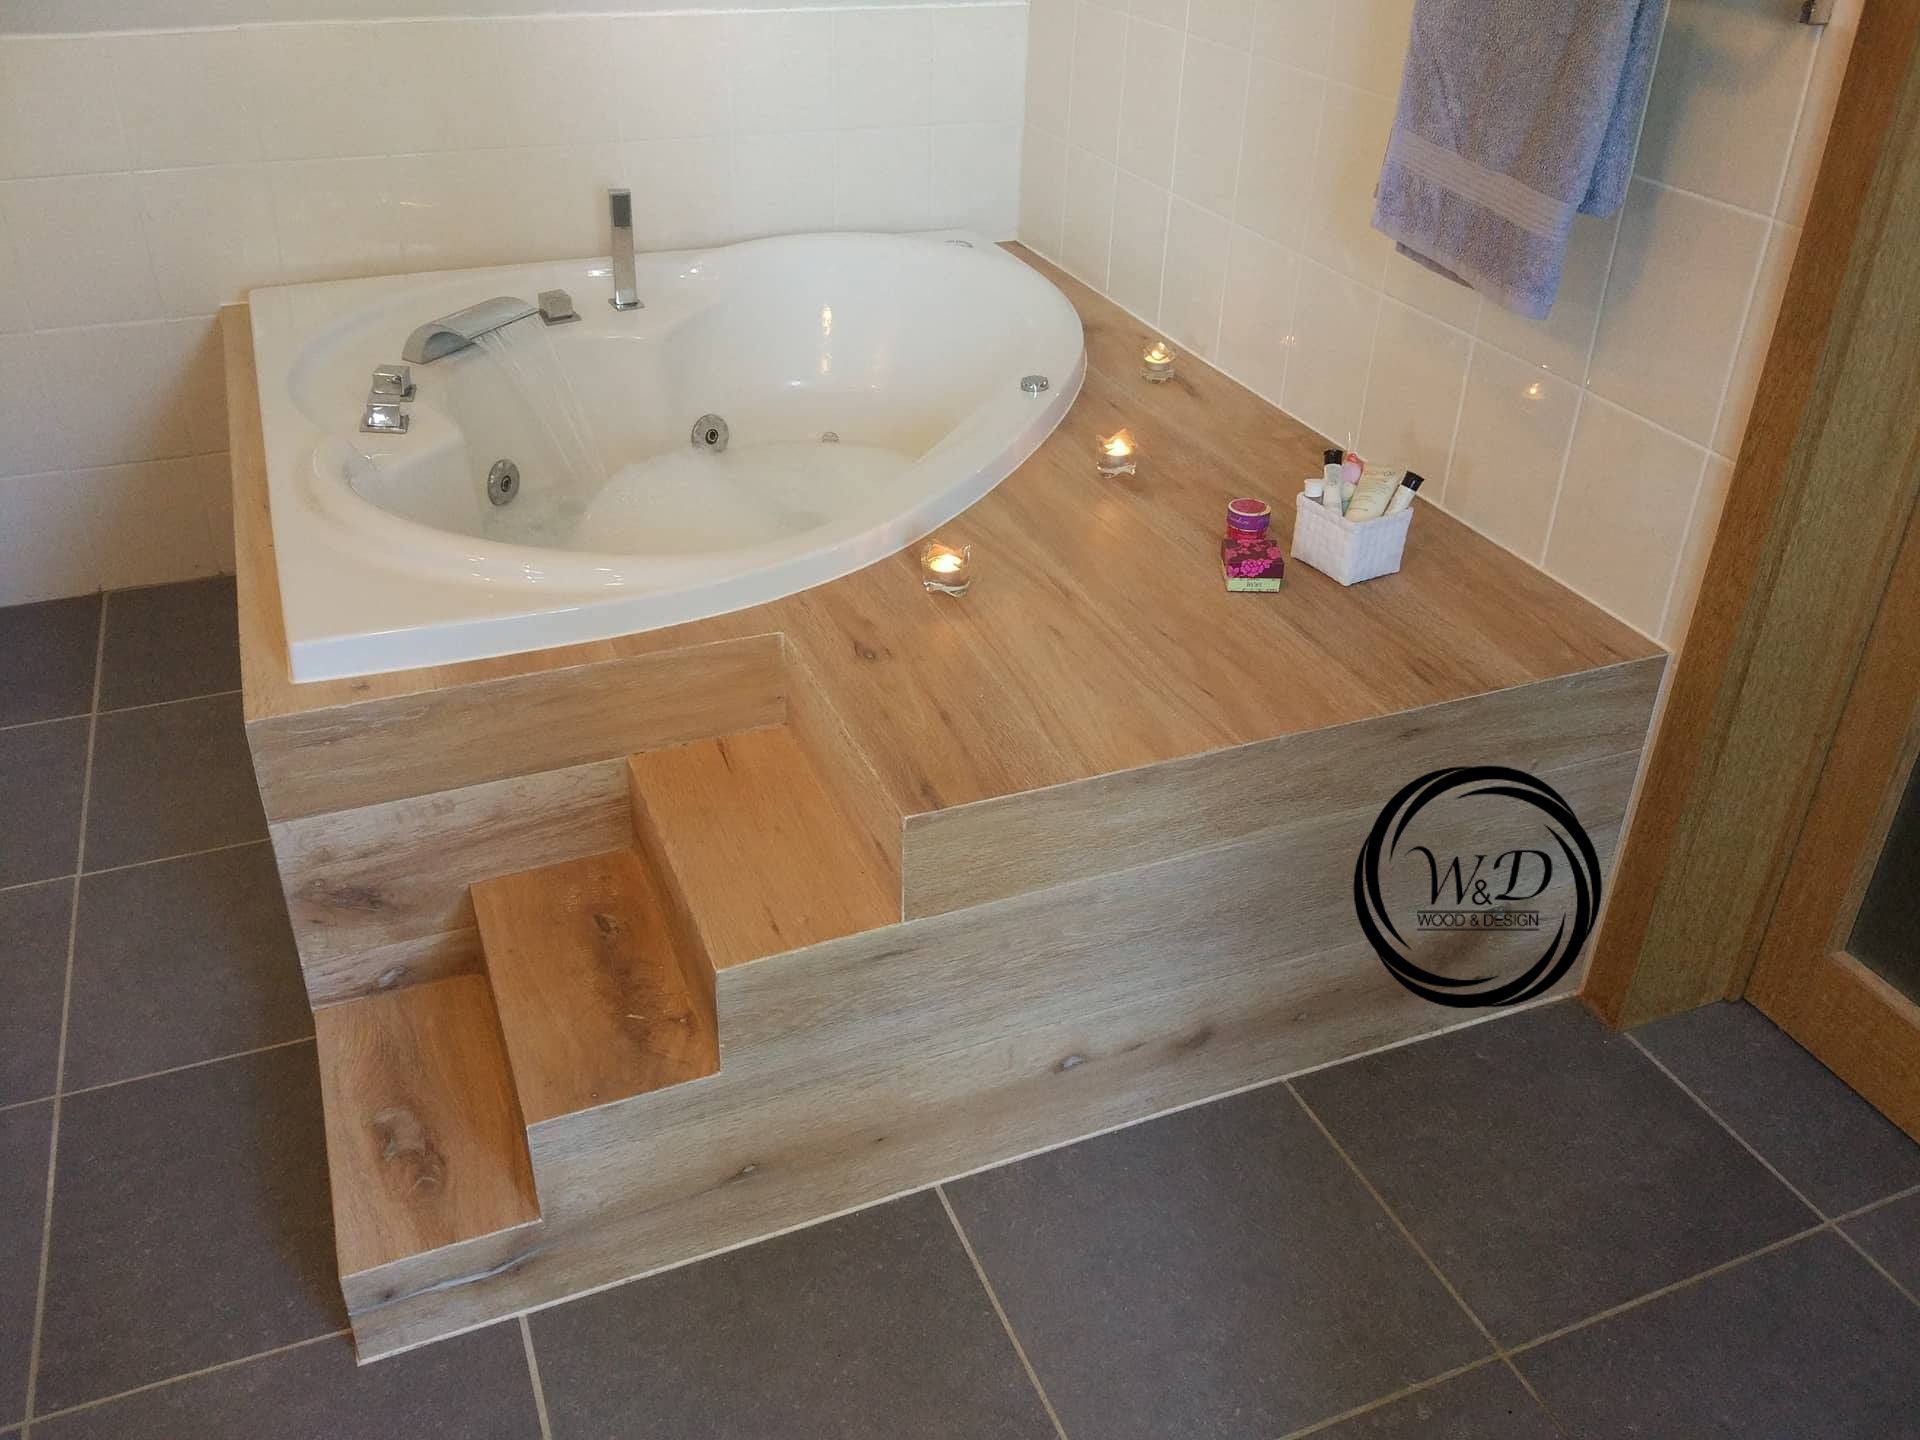 habillage en plaqu ch ne d 39 une baignoire d 39 angle avec escalier sdb bathtub bath et bathroom. Black Bedroom Furniture Sets. Home Design Ideas